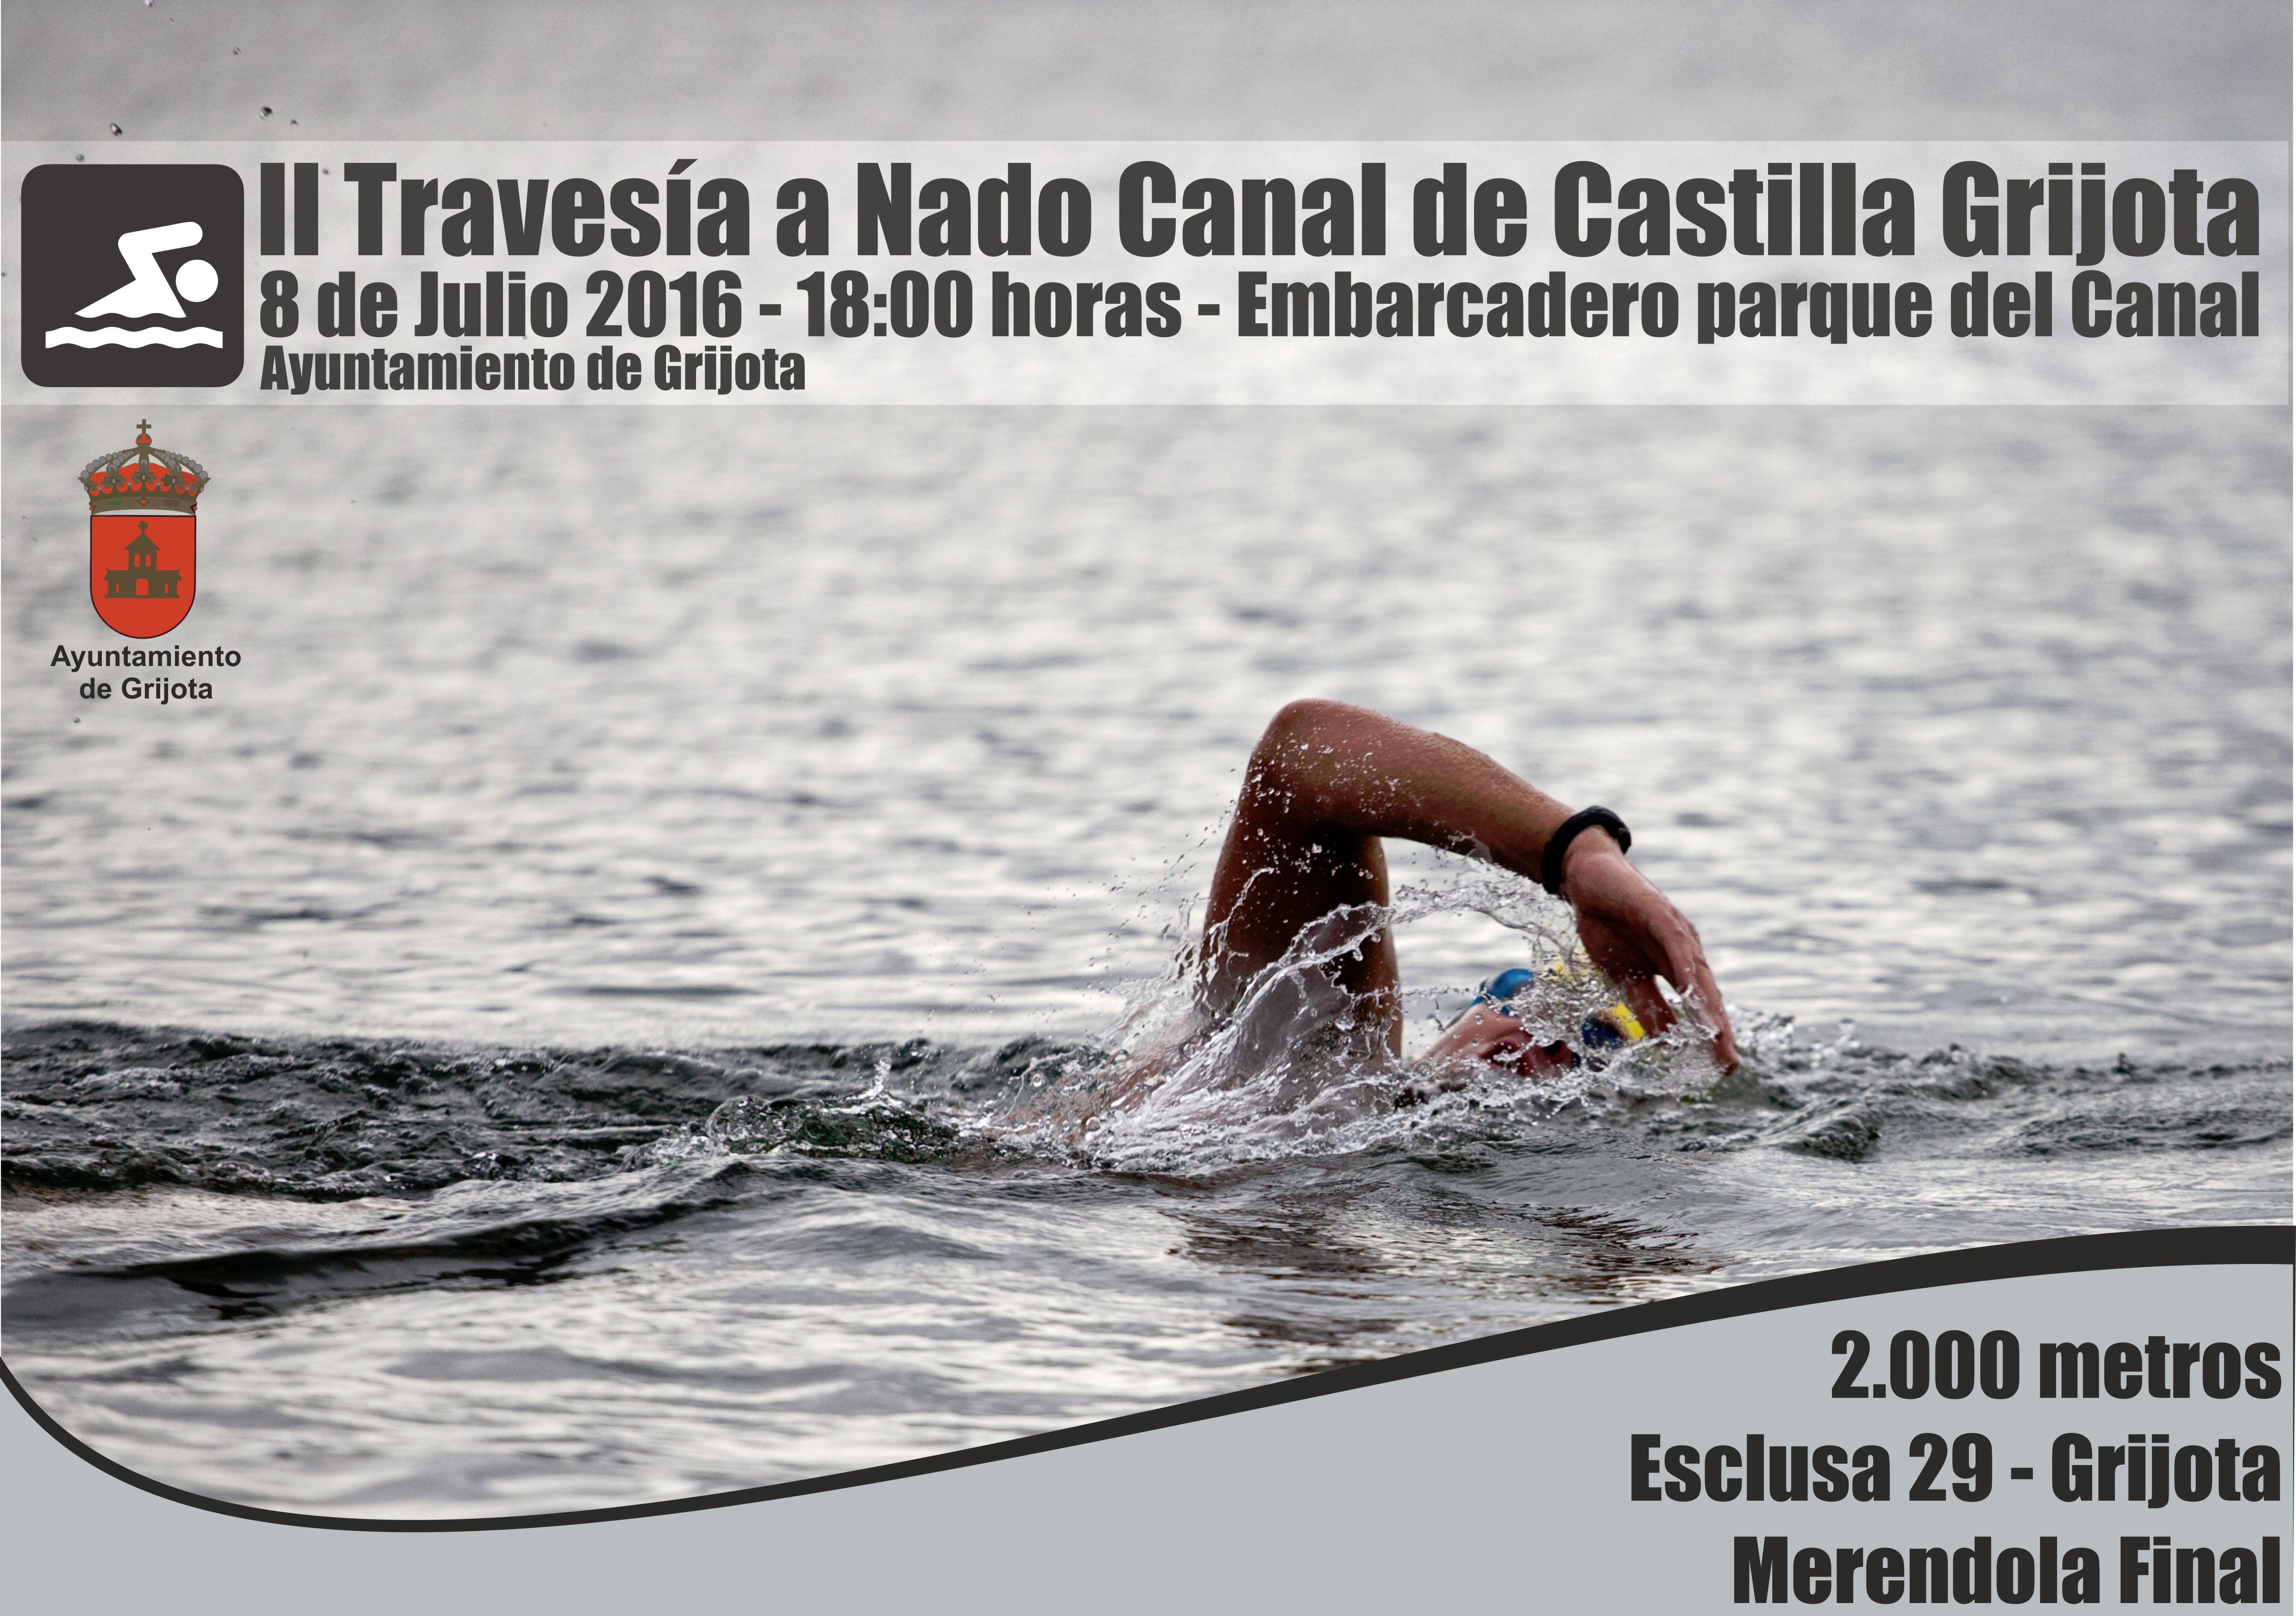 Travesía a nada Canal de Castilla